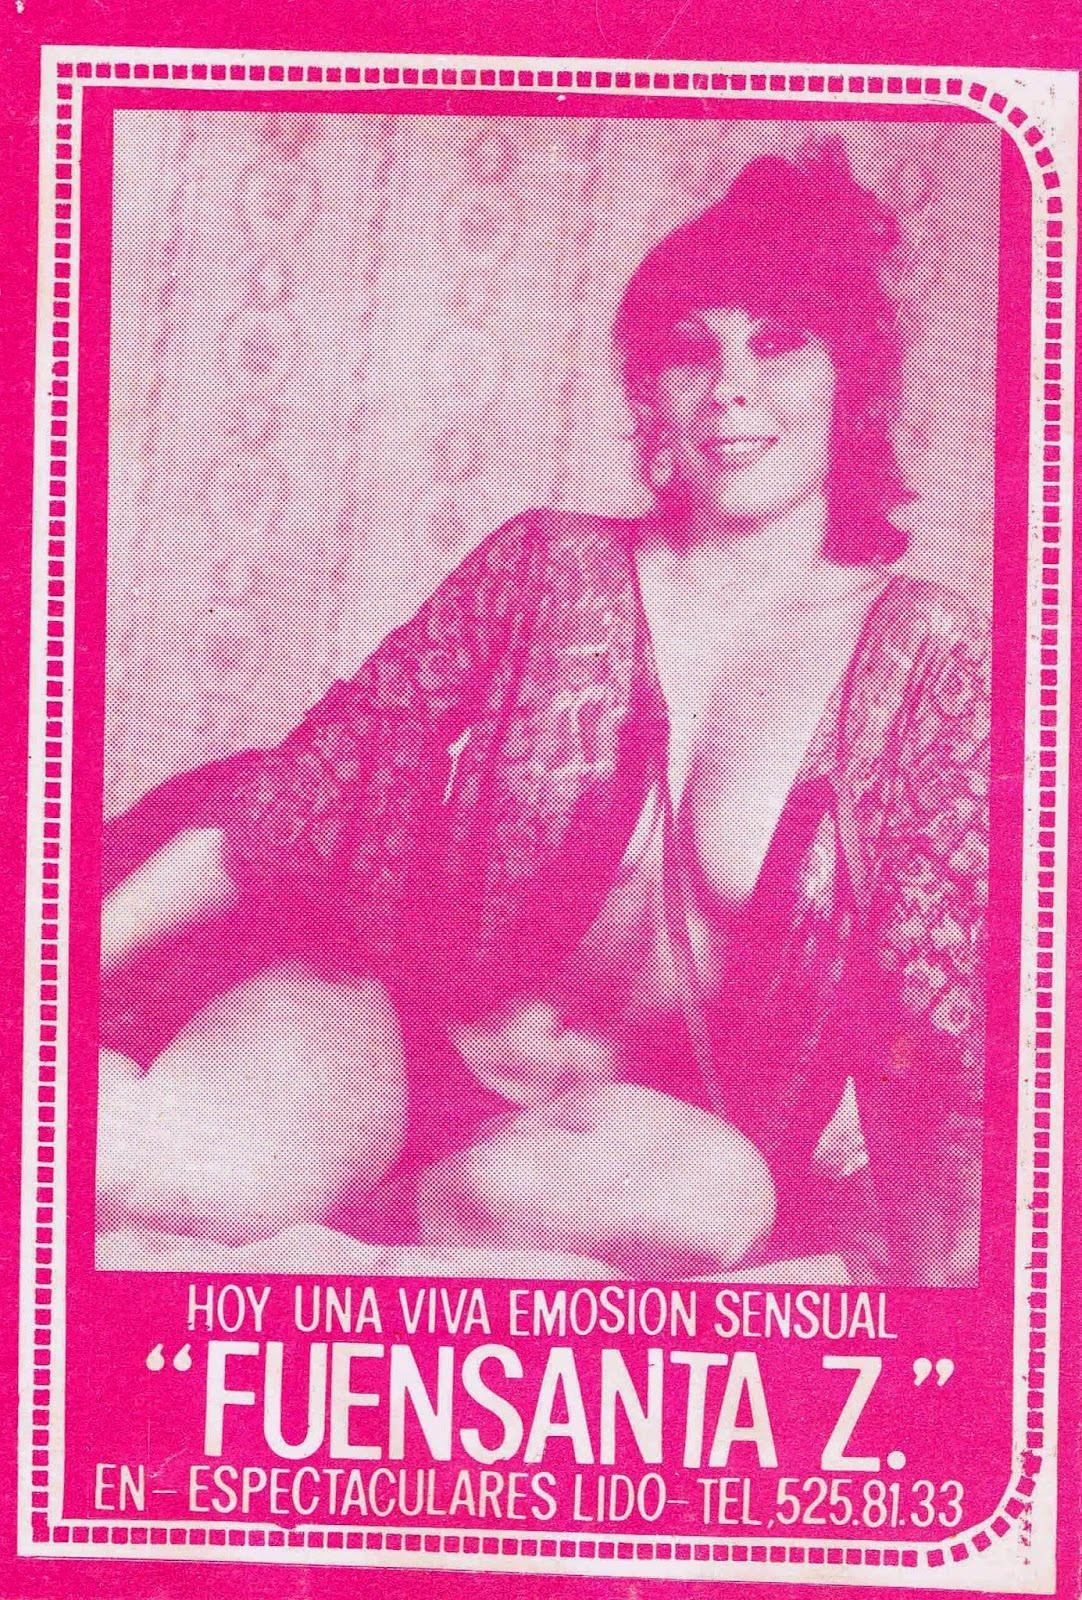 Fuensanta Zertuche Nude Photos 55